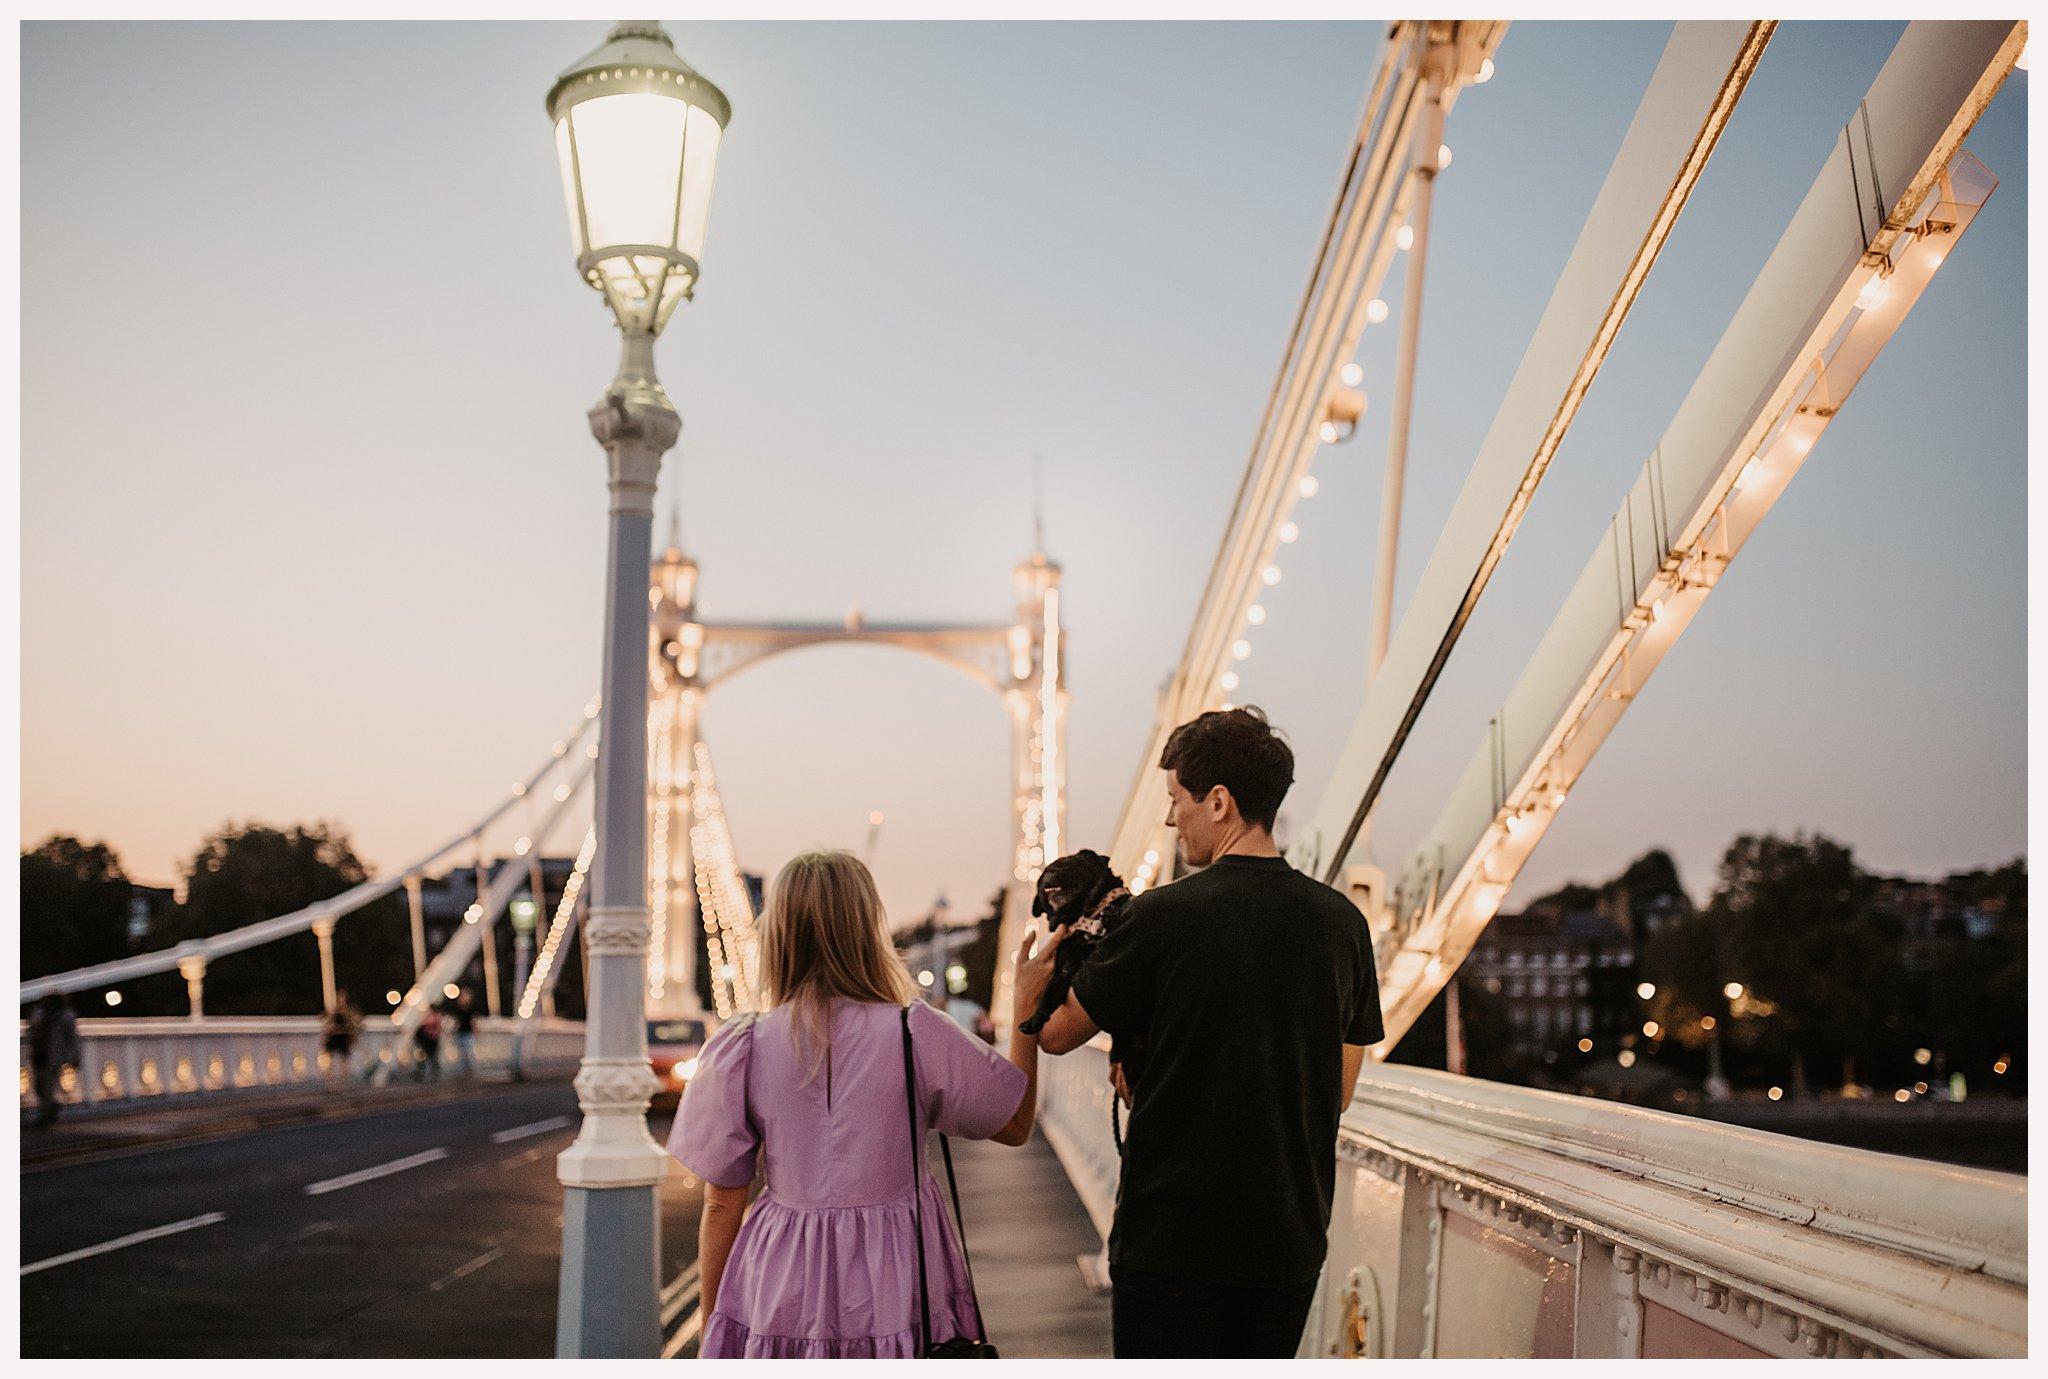 Shelley & Chris's London Chelsea Engagement Shoot-270.jpg